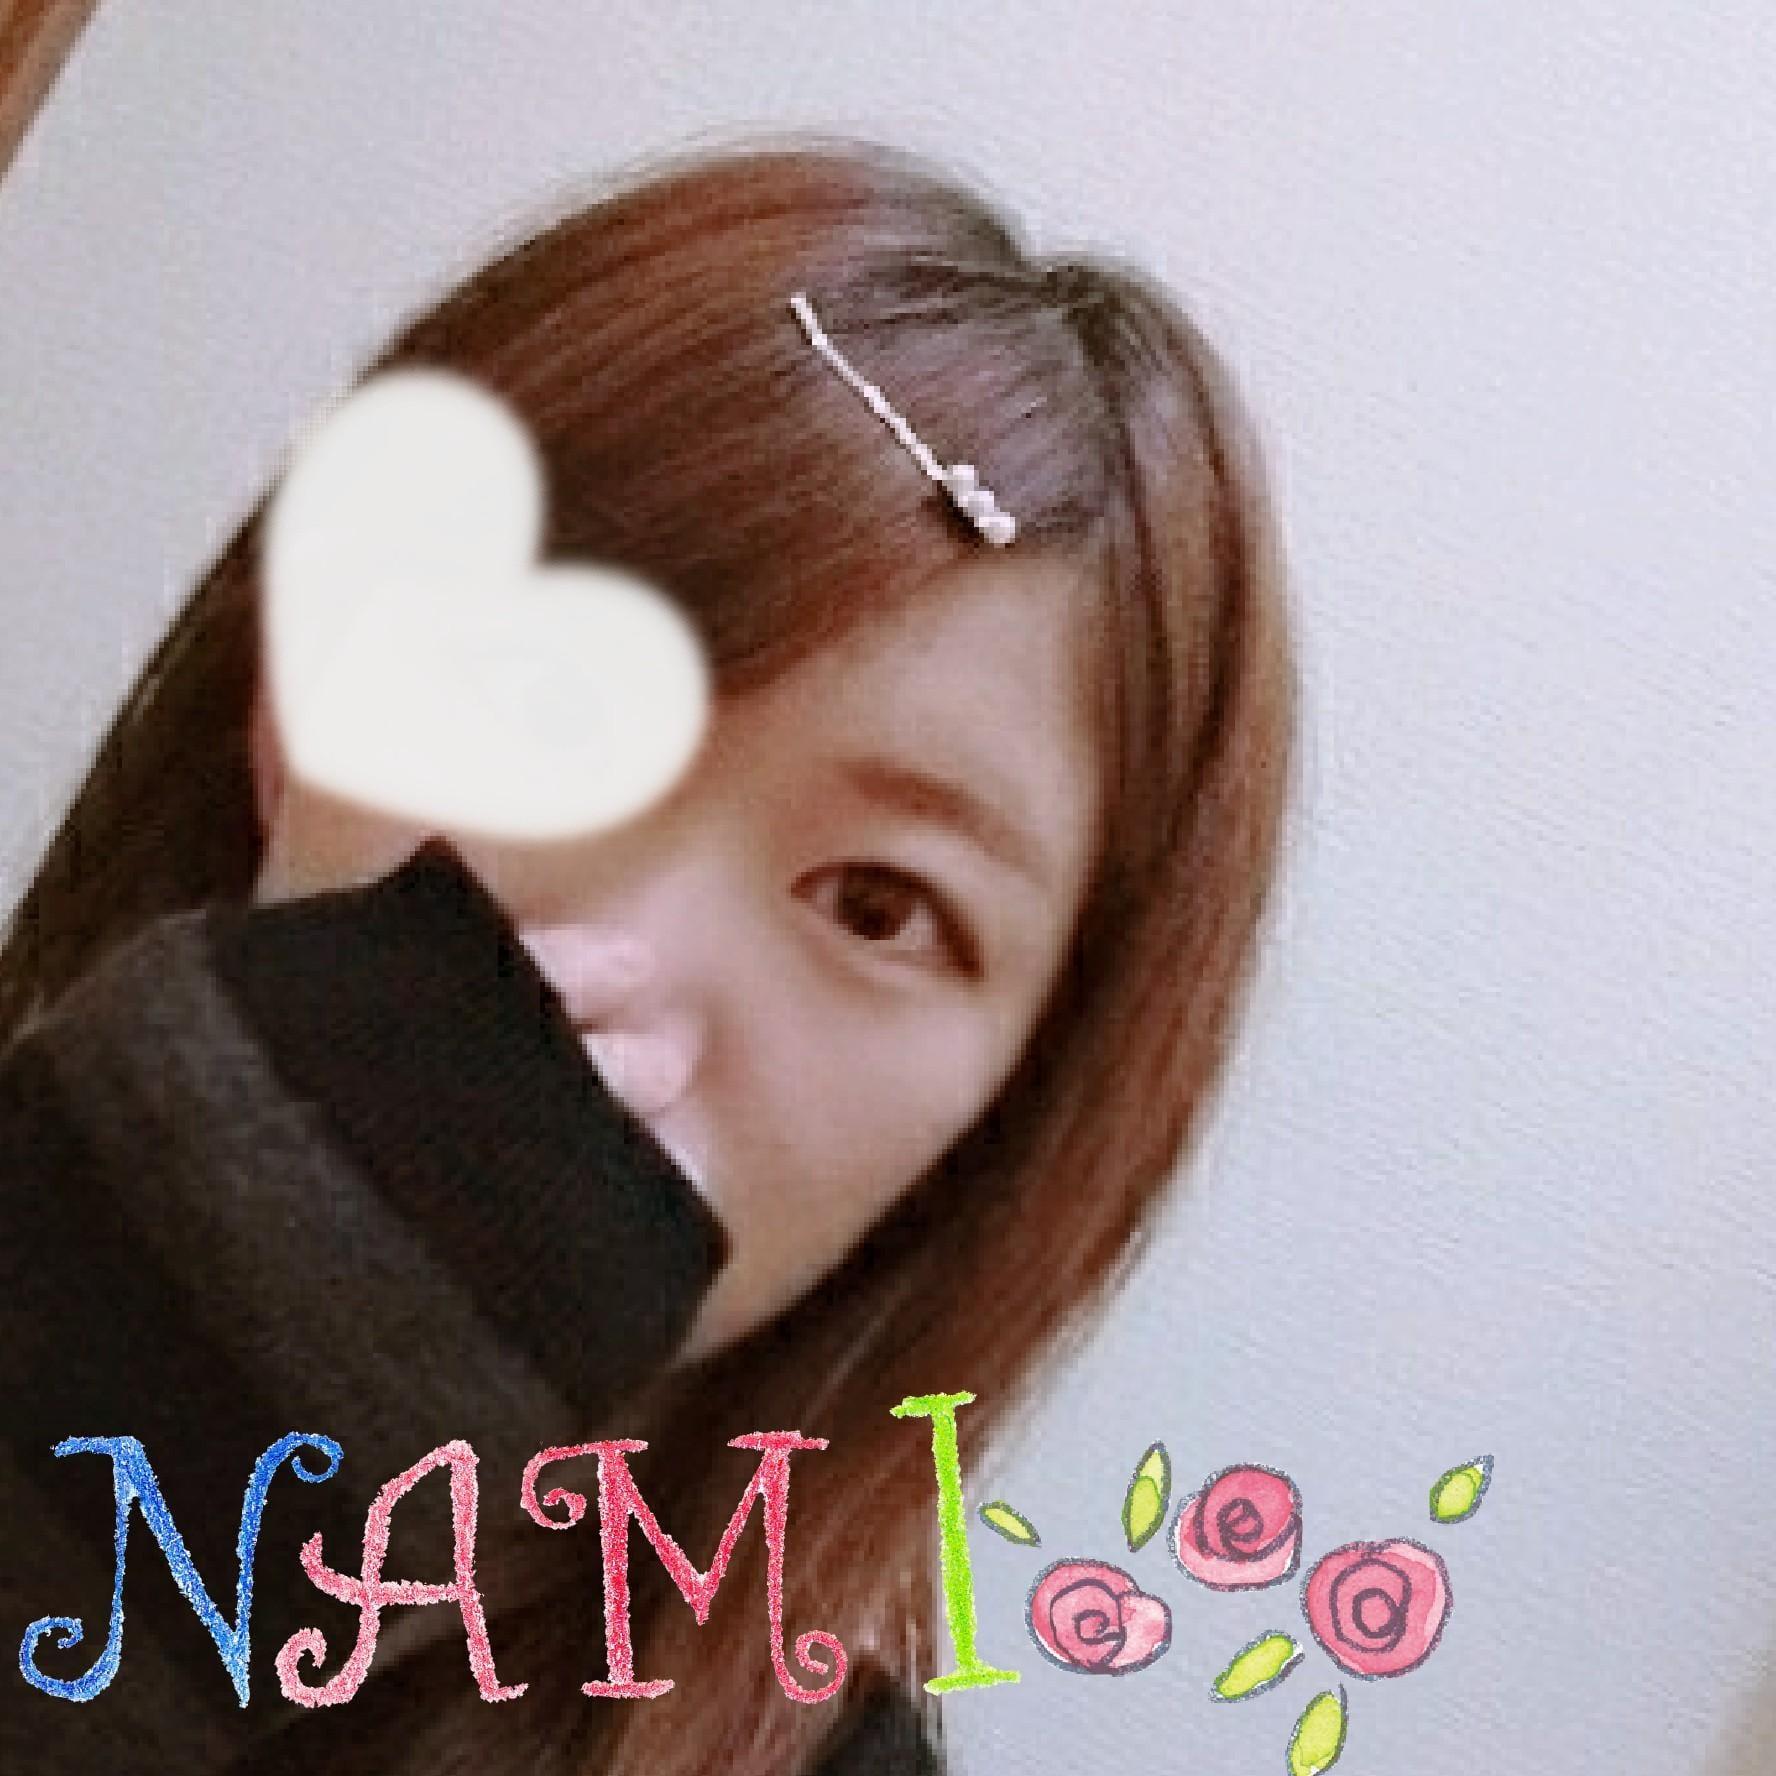 「こんばんわ?」10/22(10/22) 02:06 | なみの写メ・風俗動画